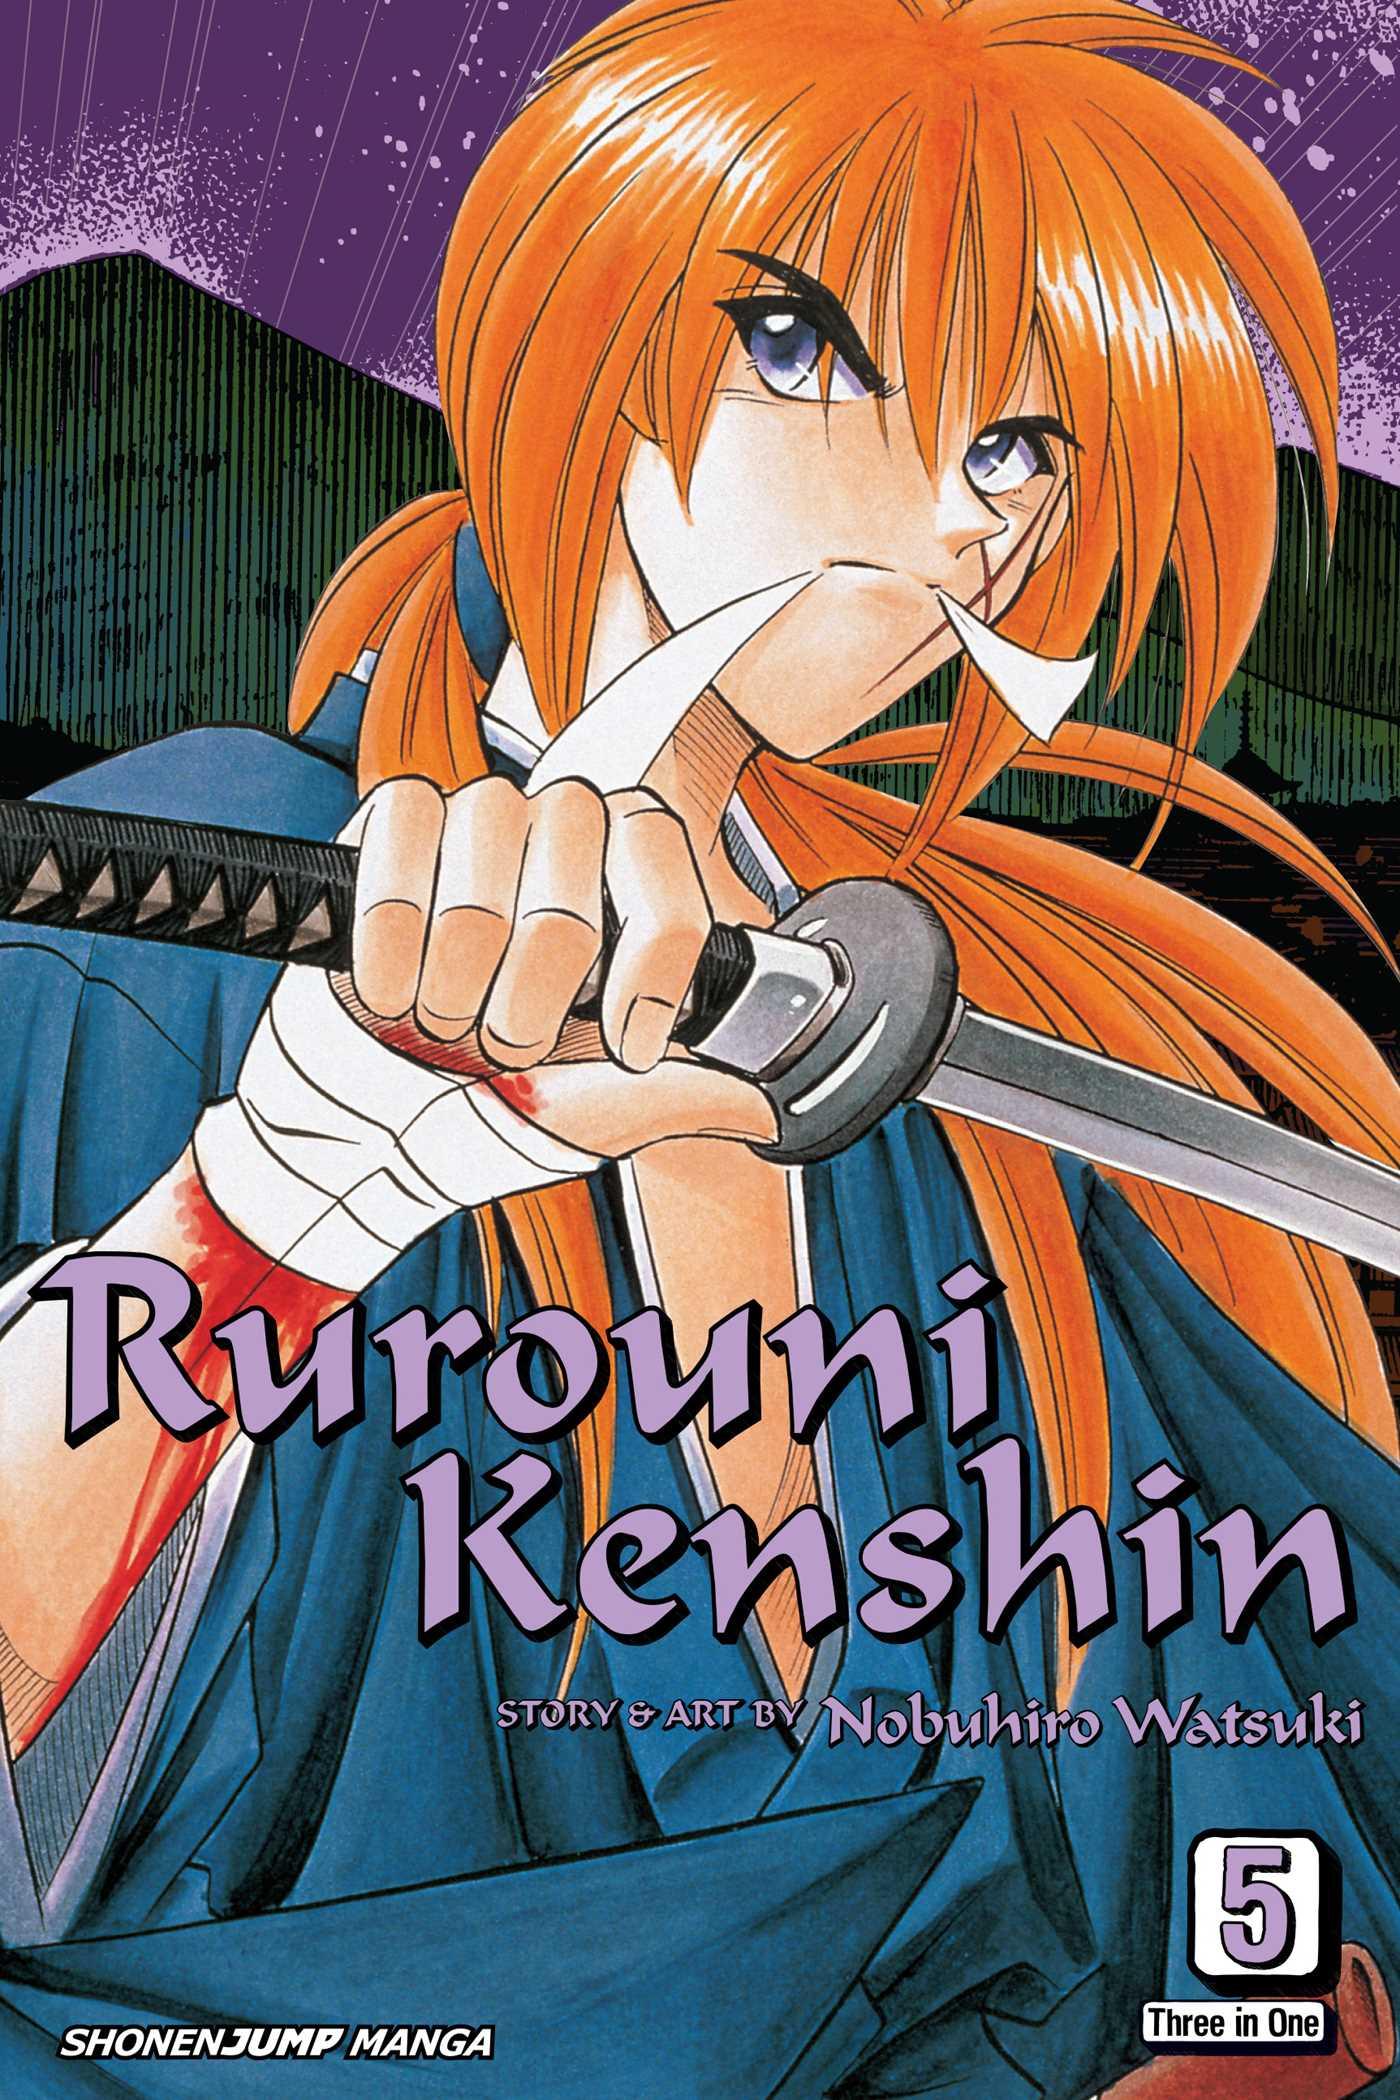 Rurouni Kenshin Vol 5 Vizbig Edition Book By Nobuhiro Watsuki